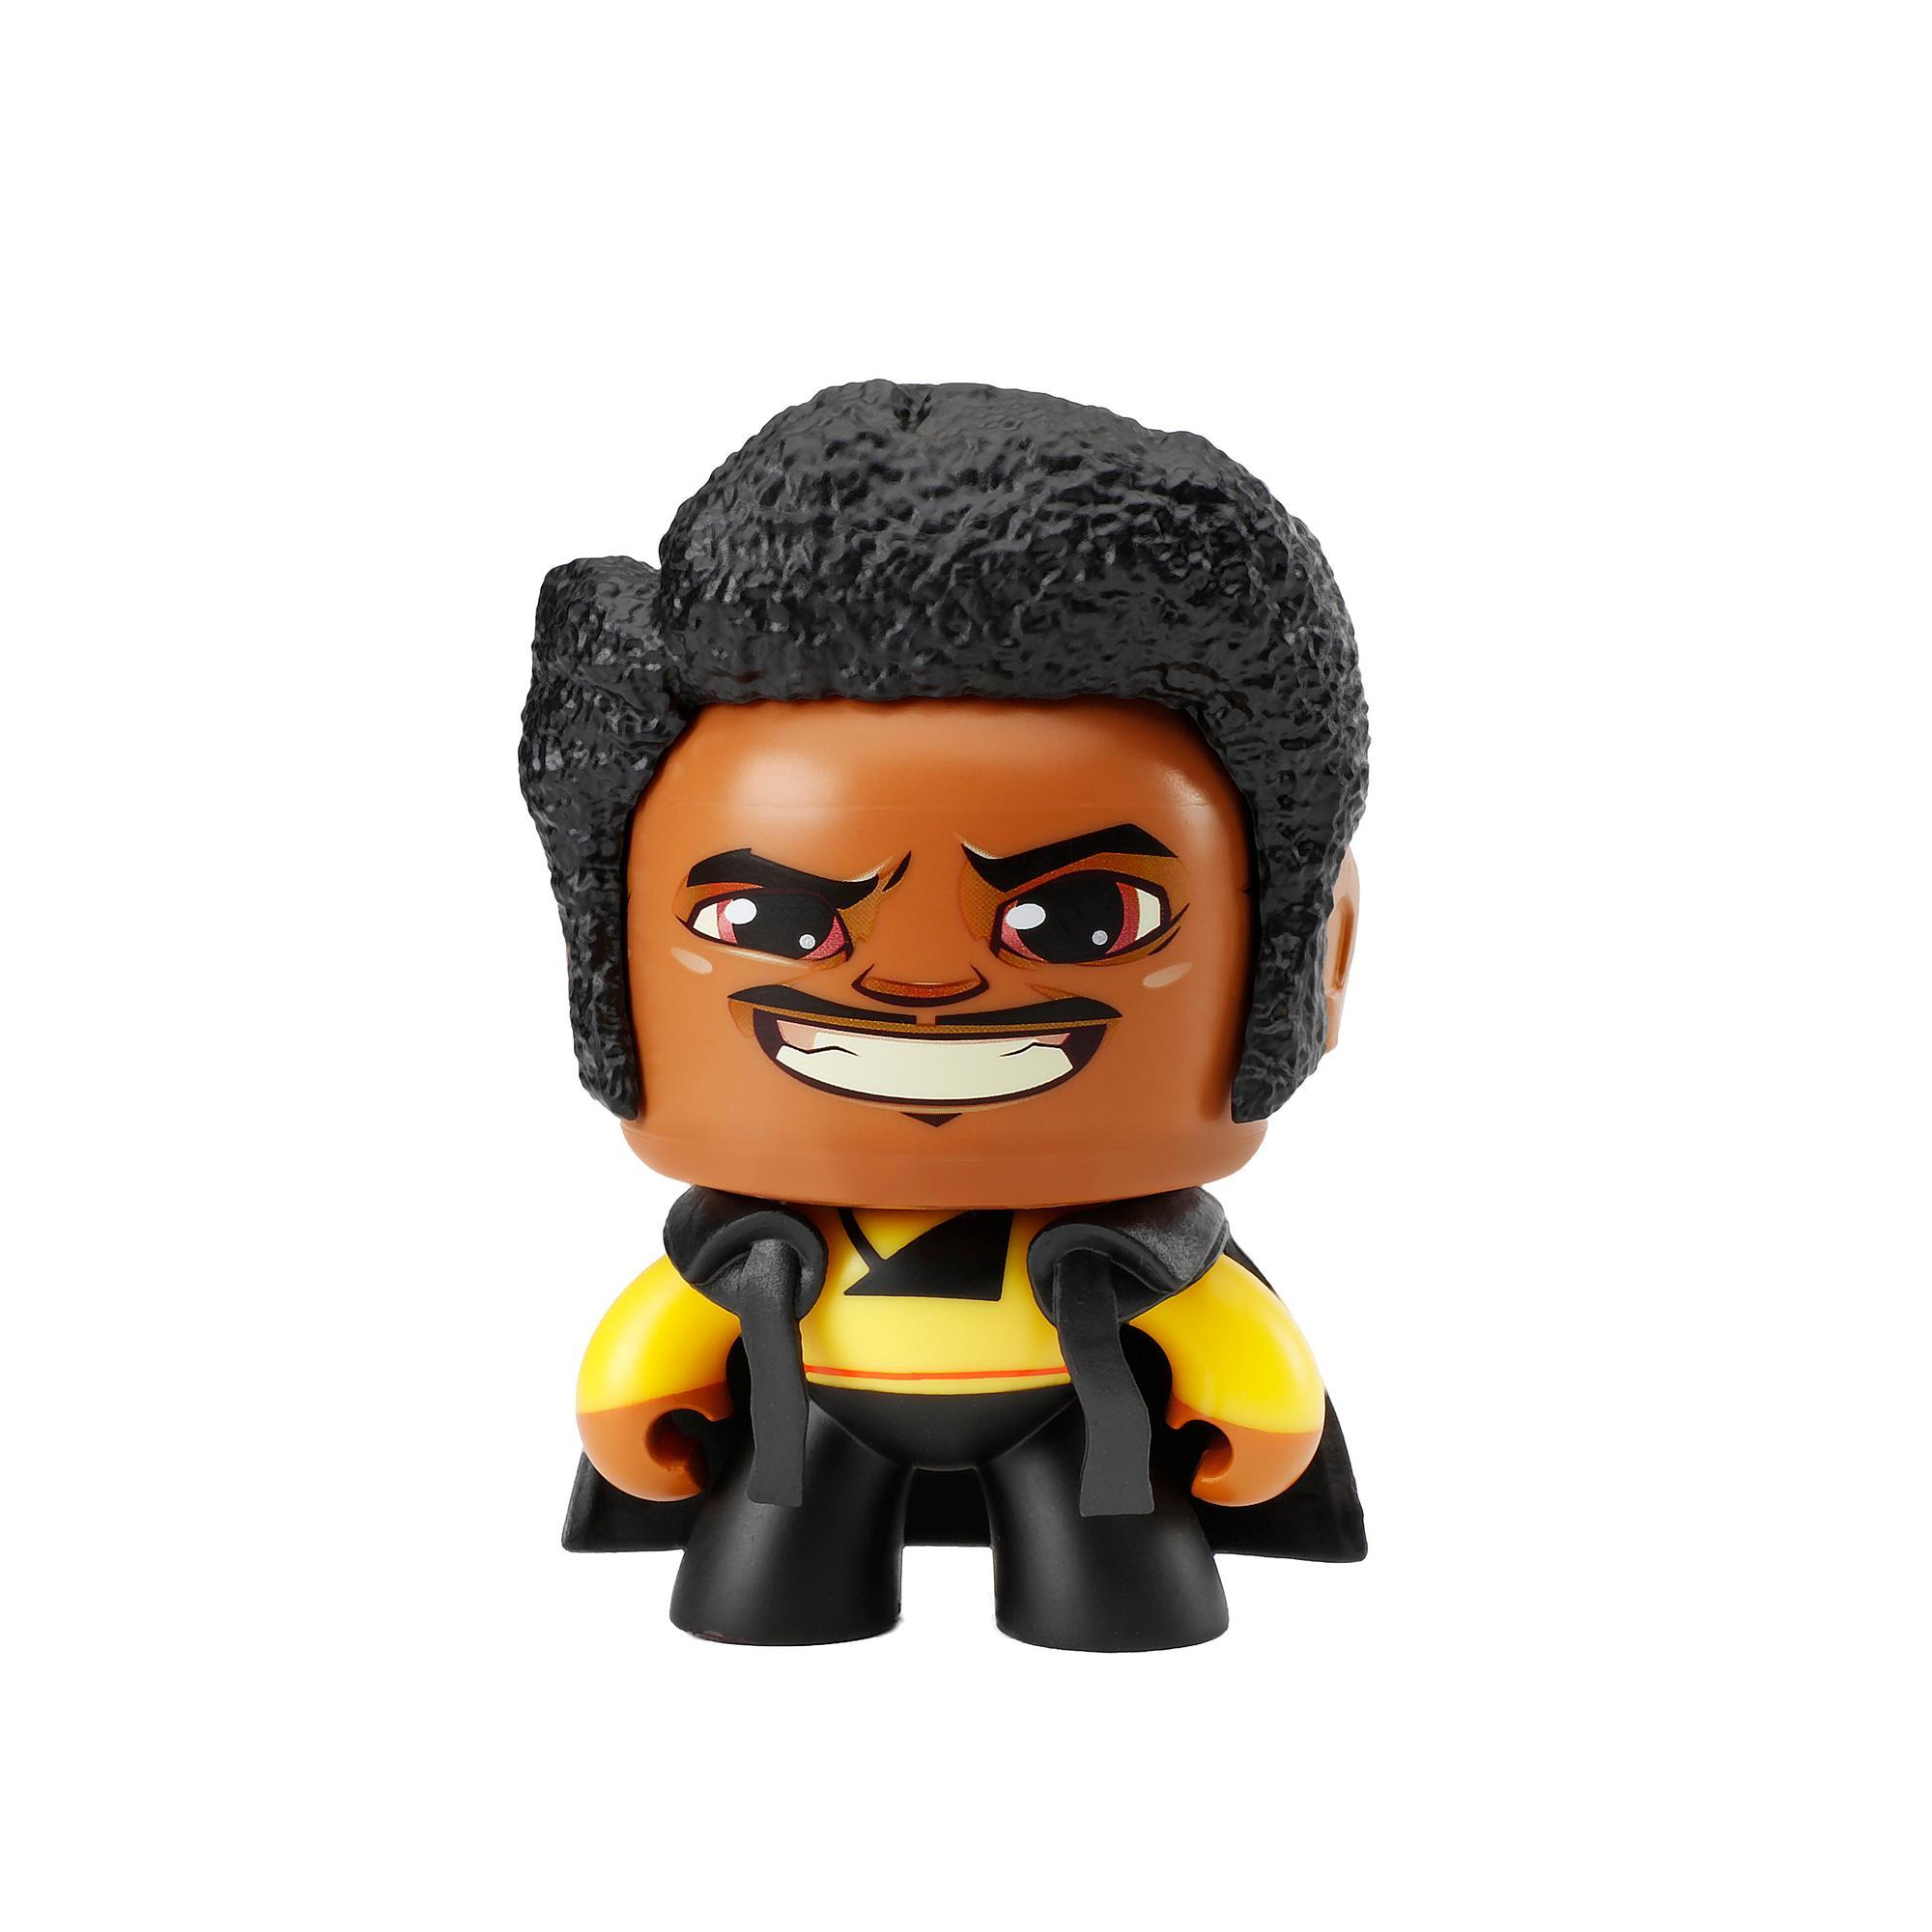 Star Wars Mighty Muggs - Lando Calrissian no11